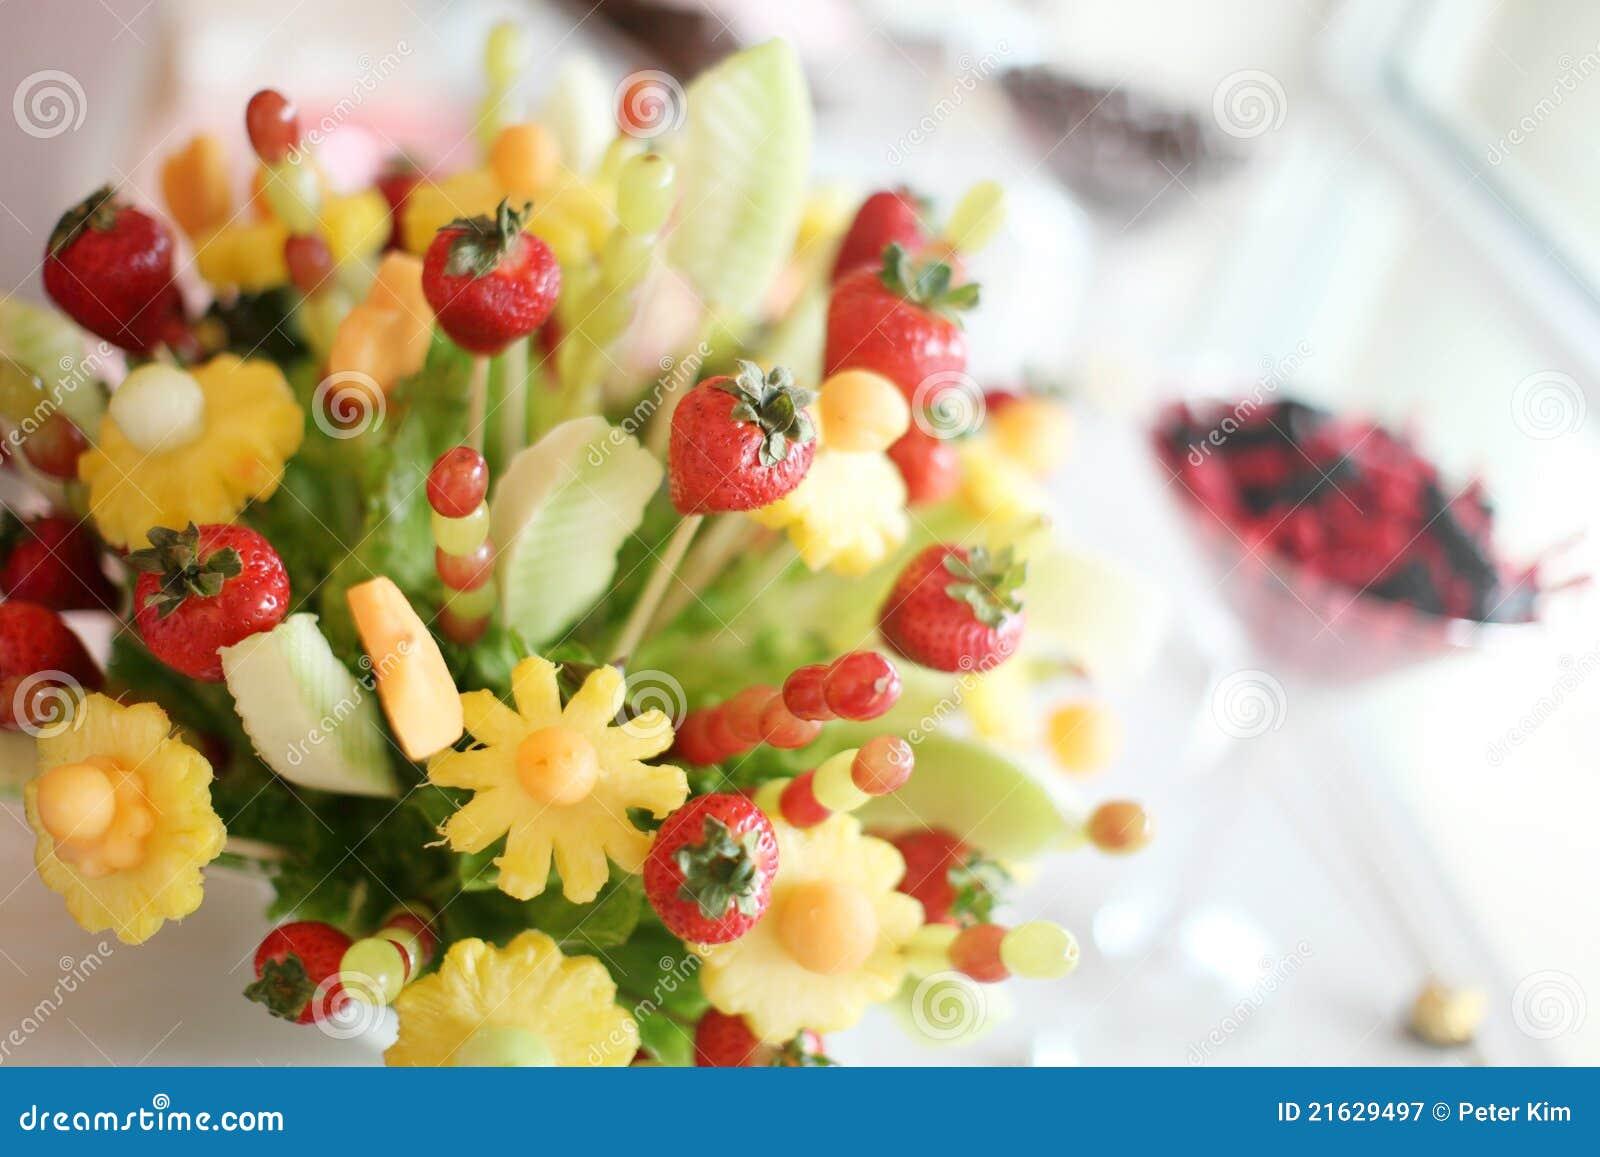 Ramalhete da fruta